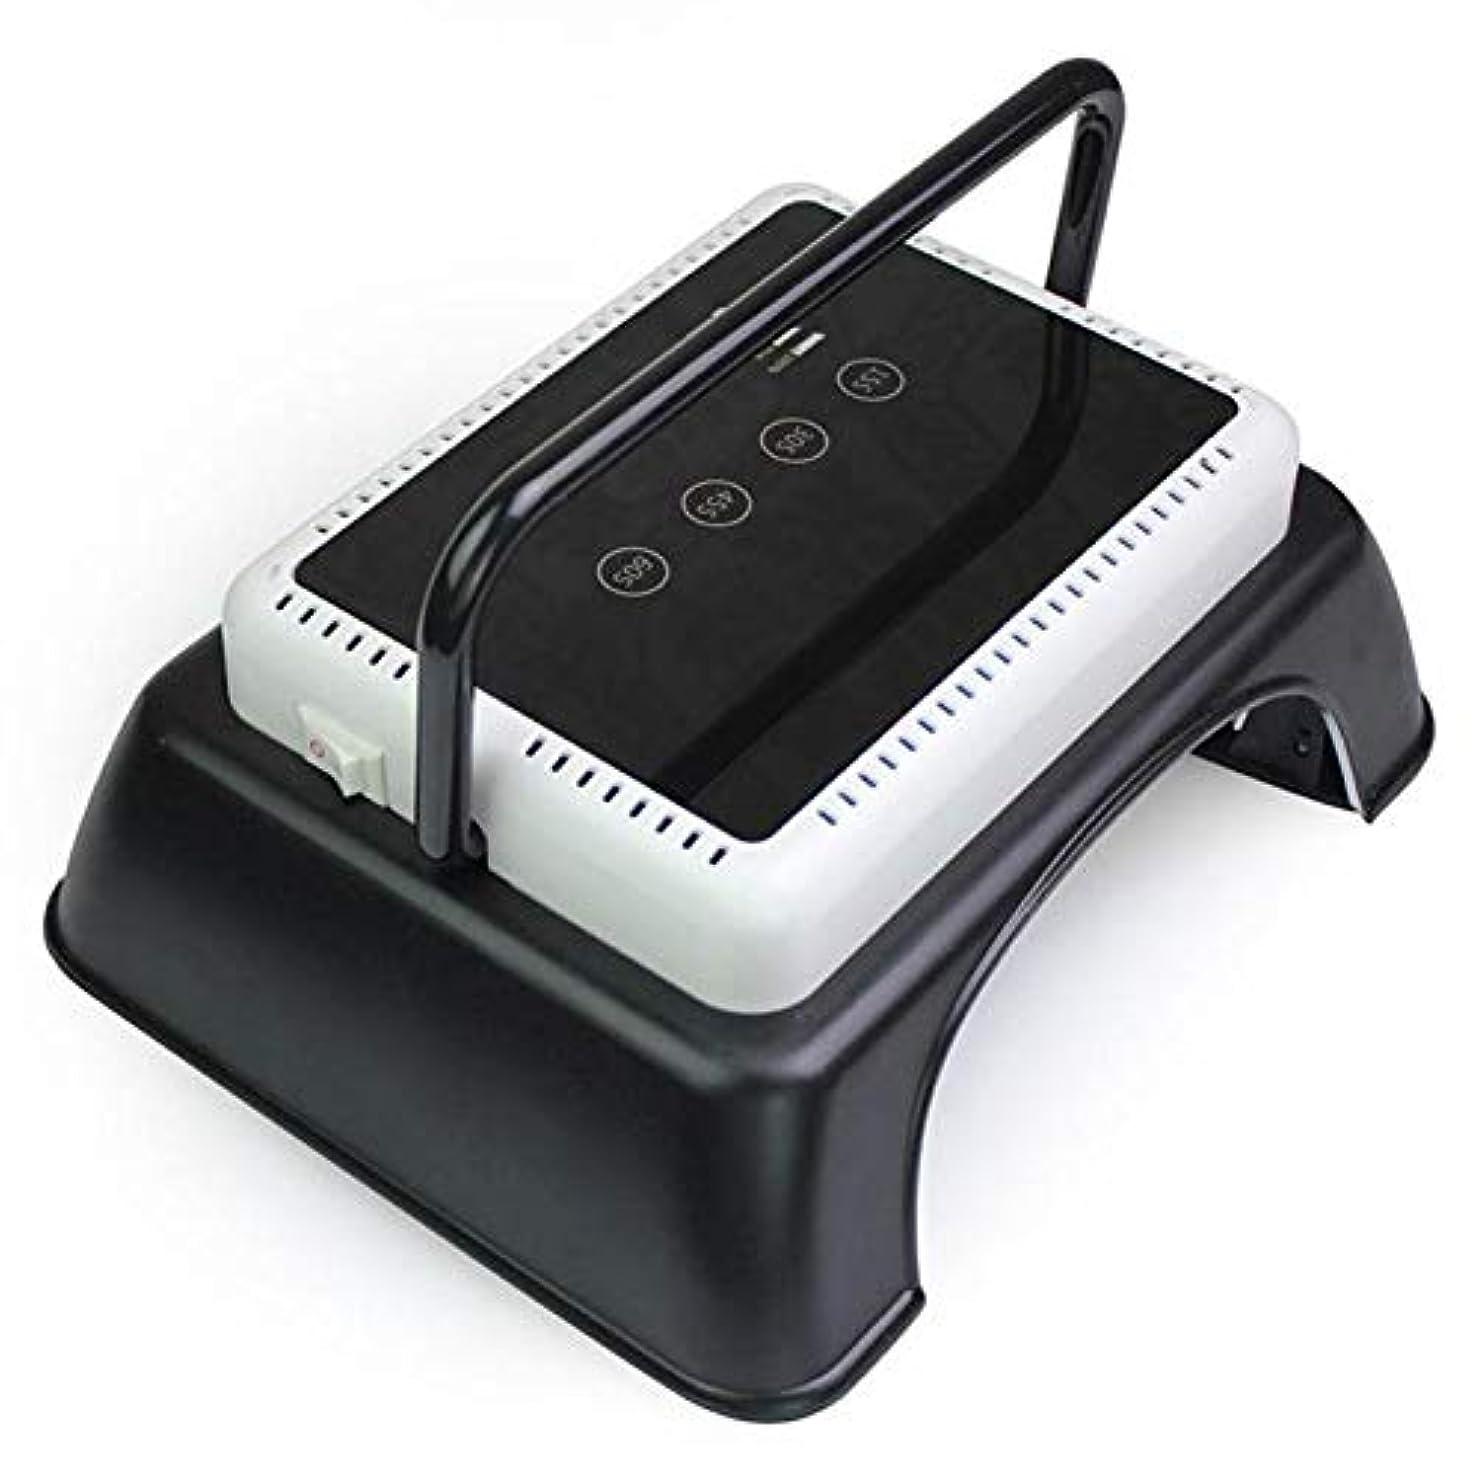 ピケ深く精神的に持ち上がるハンドル、タッチセンサー、LCDスクリーンが付いているゲルのマニキュアマニキュア用具のための専門64W LED紫外線釘LampNailのドライヤーライトハイパワー